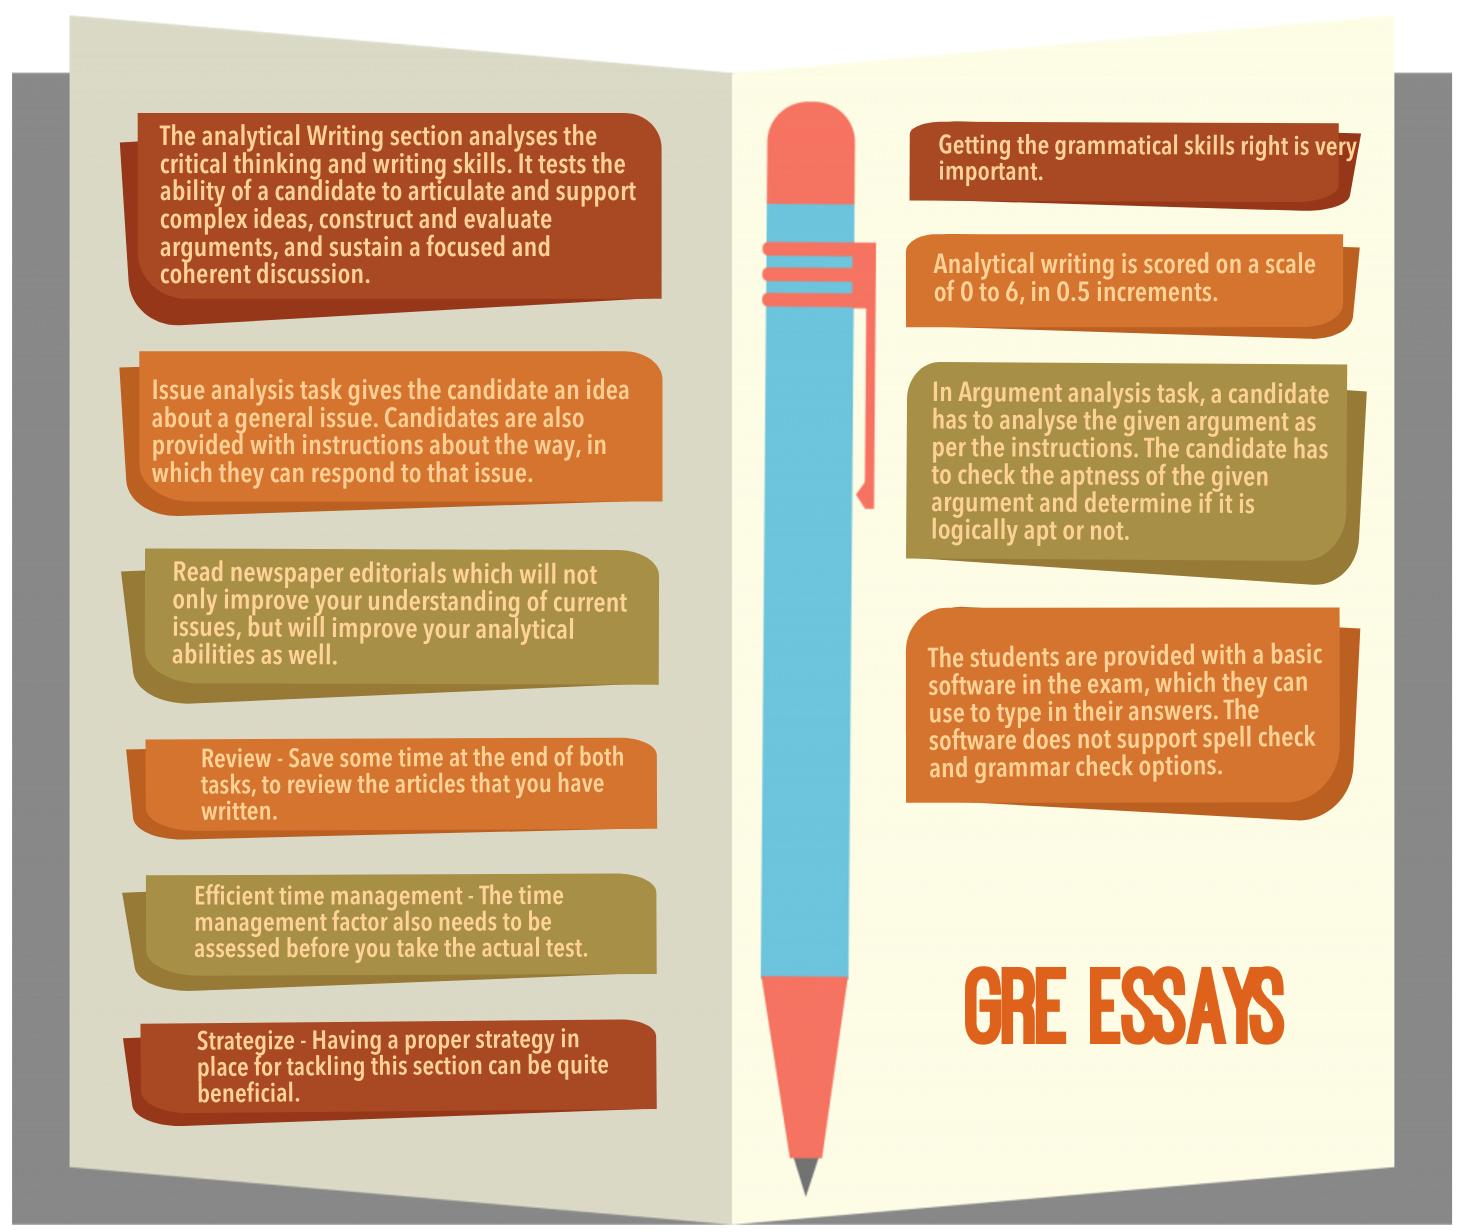 GRE-essay